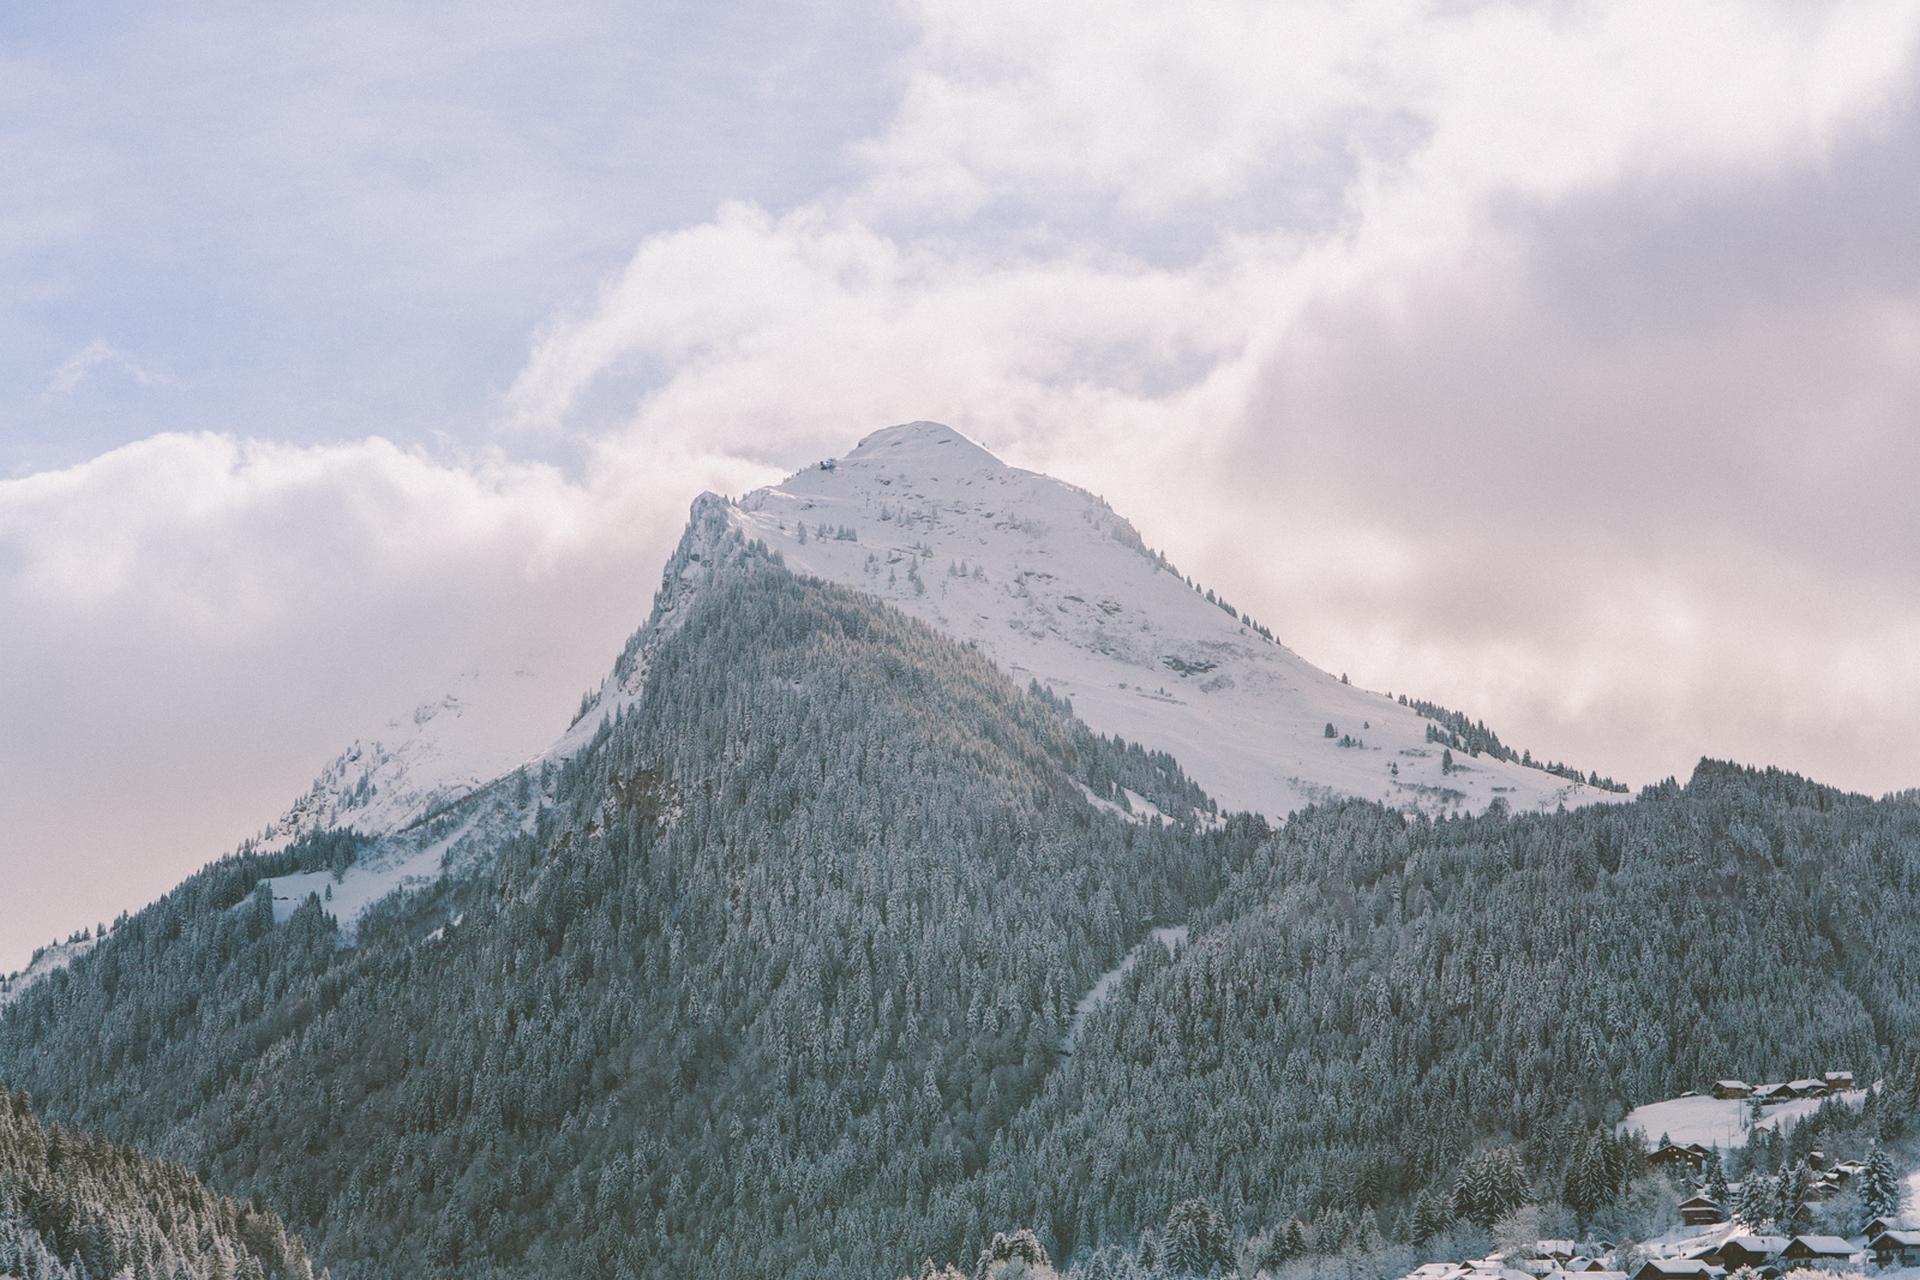 Éco-responsabilité sur le domaine skiable - © Sam Ingles